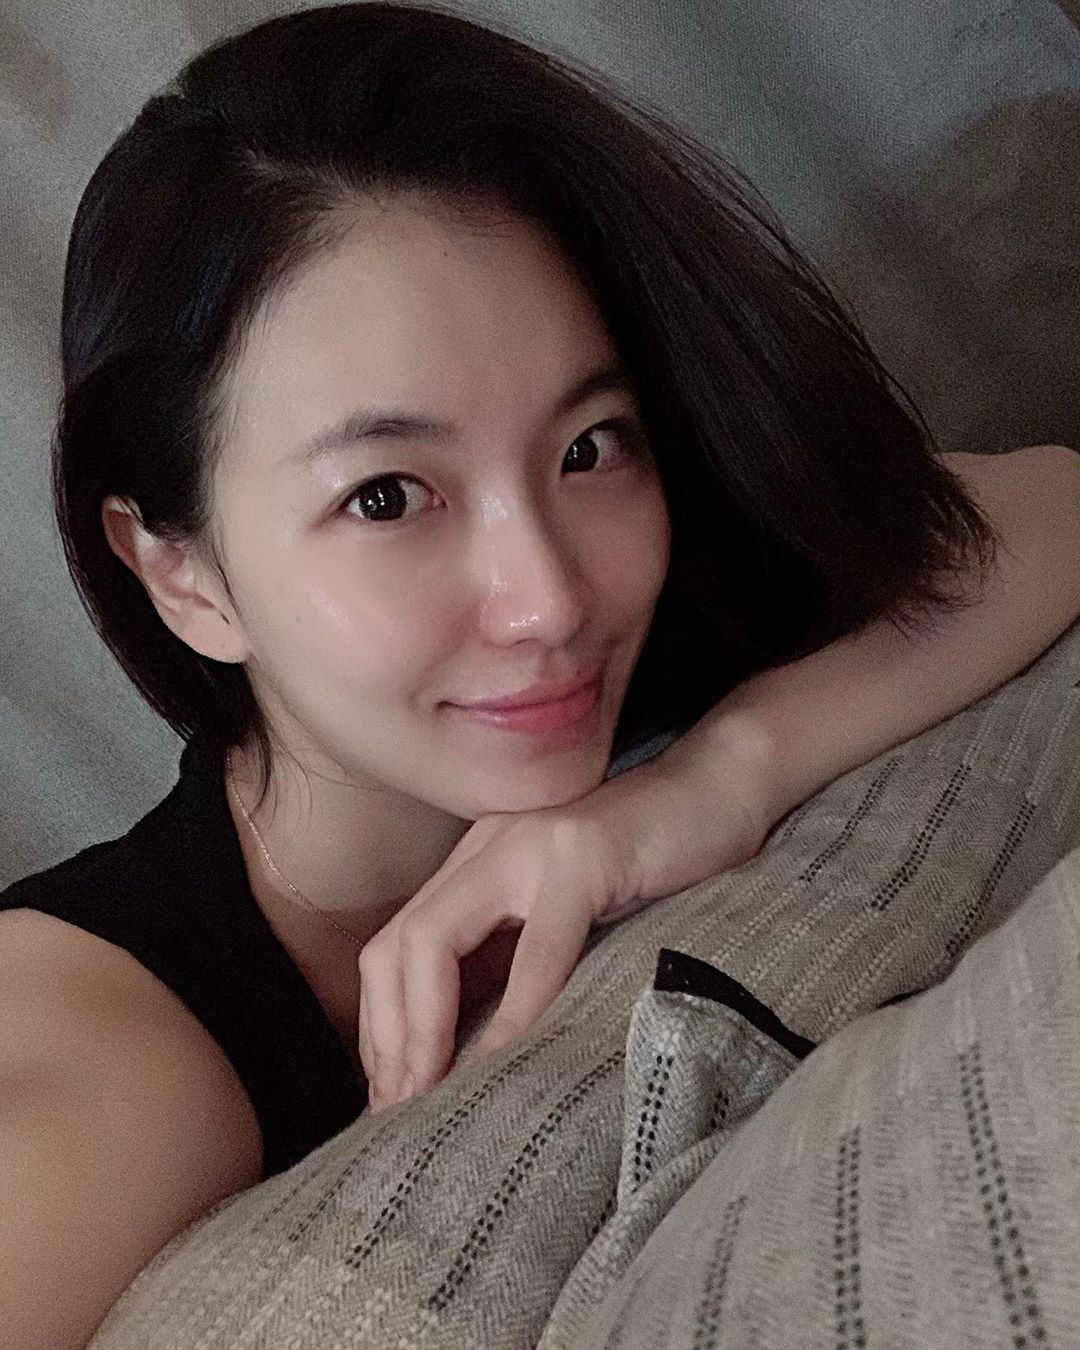 Các cô nàng xứ Kim Chi chỉ ra sai lầm trong thói quen chăm sóc của chị em Việt, đó là việc người Hàn không bao giờ làm - Ảnh 1.